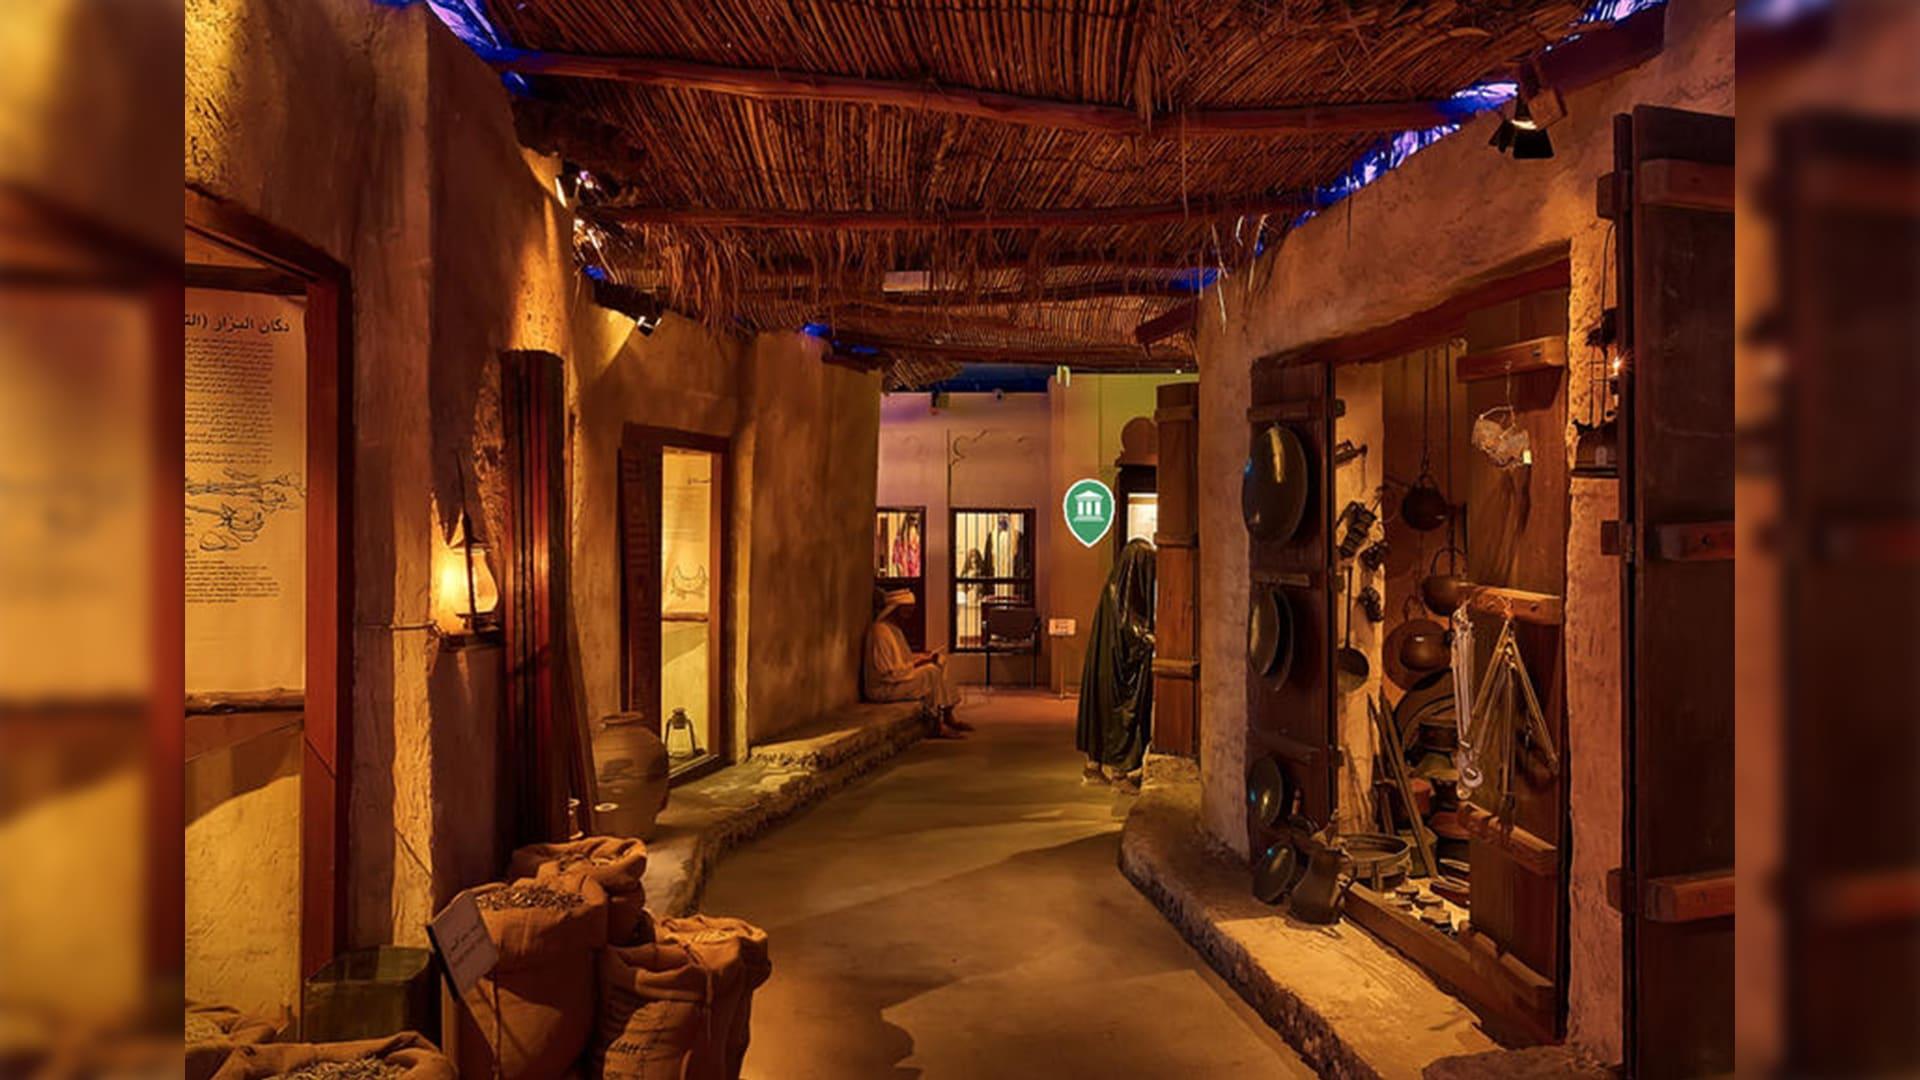 استكشف متاحف دبي بجولات افتراضية من راحة منزلك